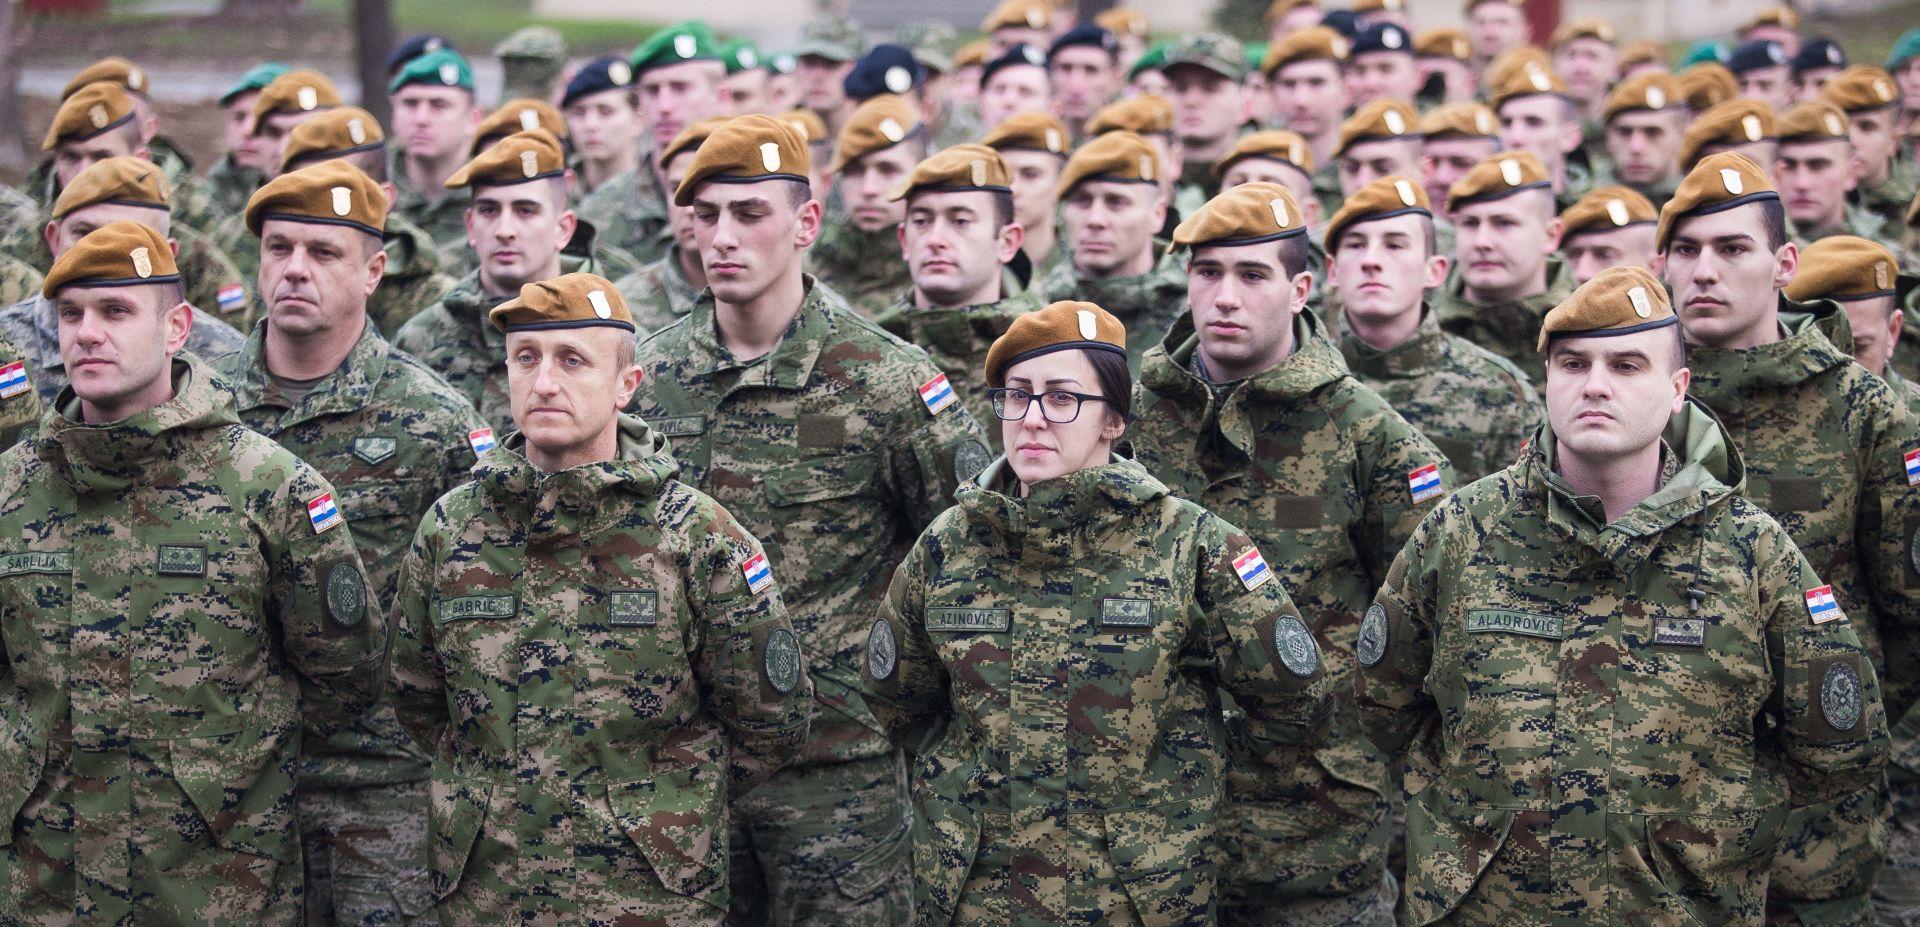 Odluka o veličini, sastavu i mobilizacijskom razvoju OSRH